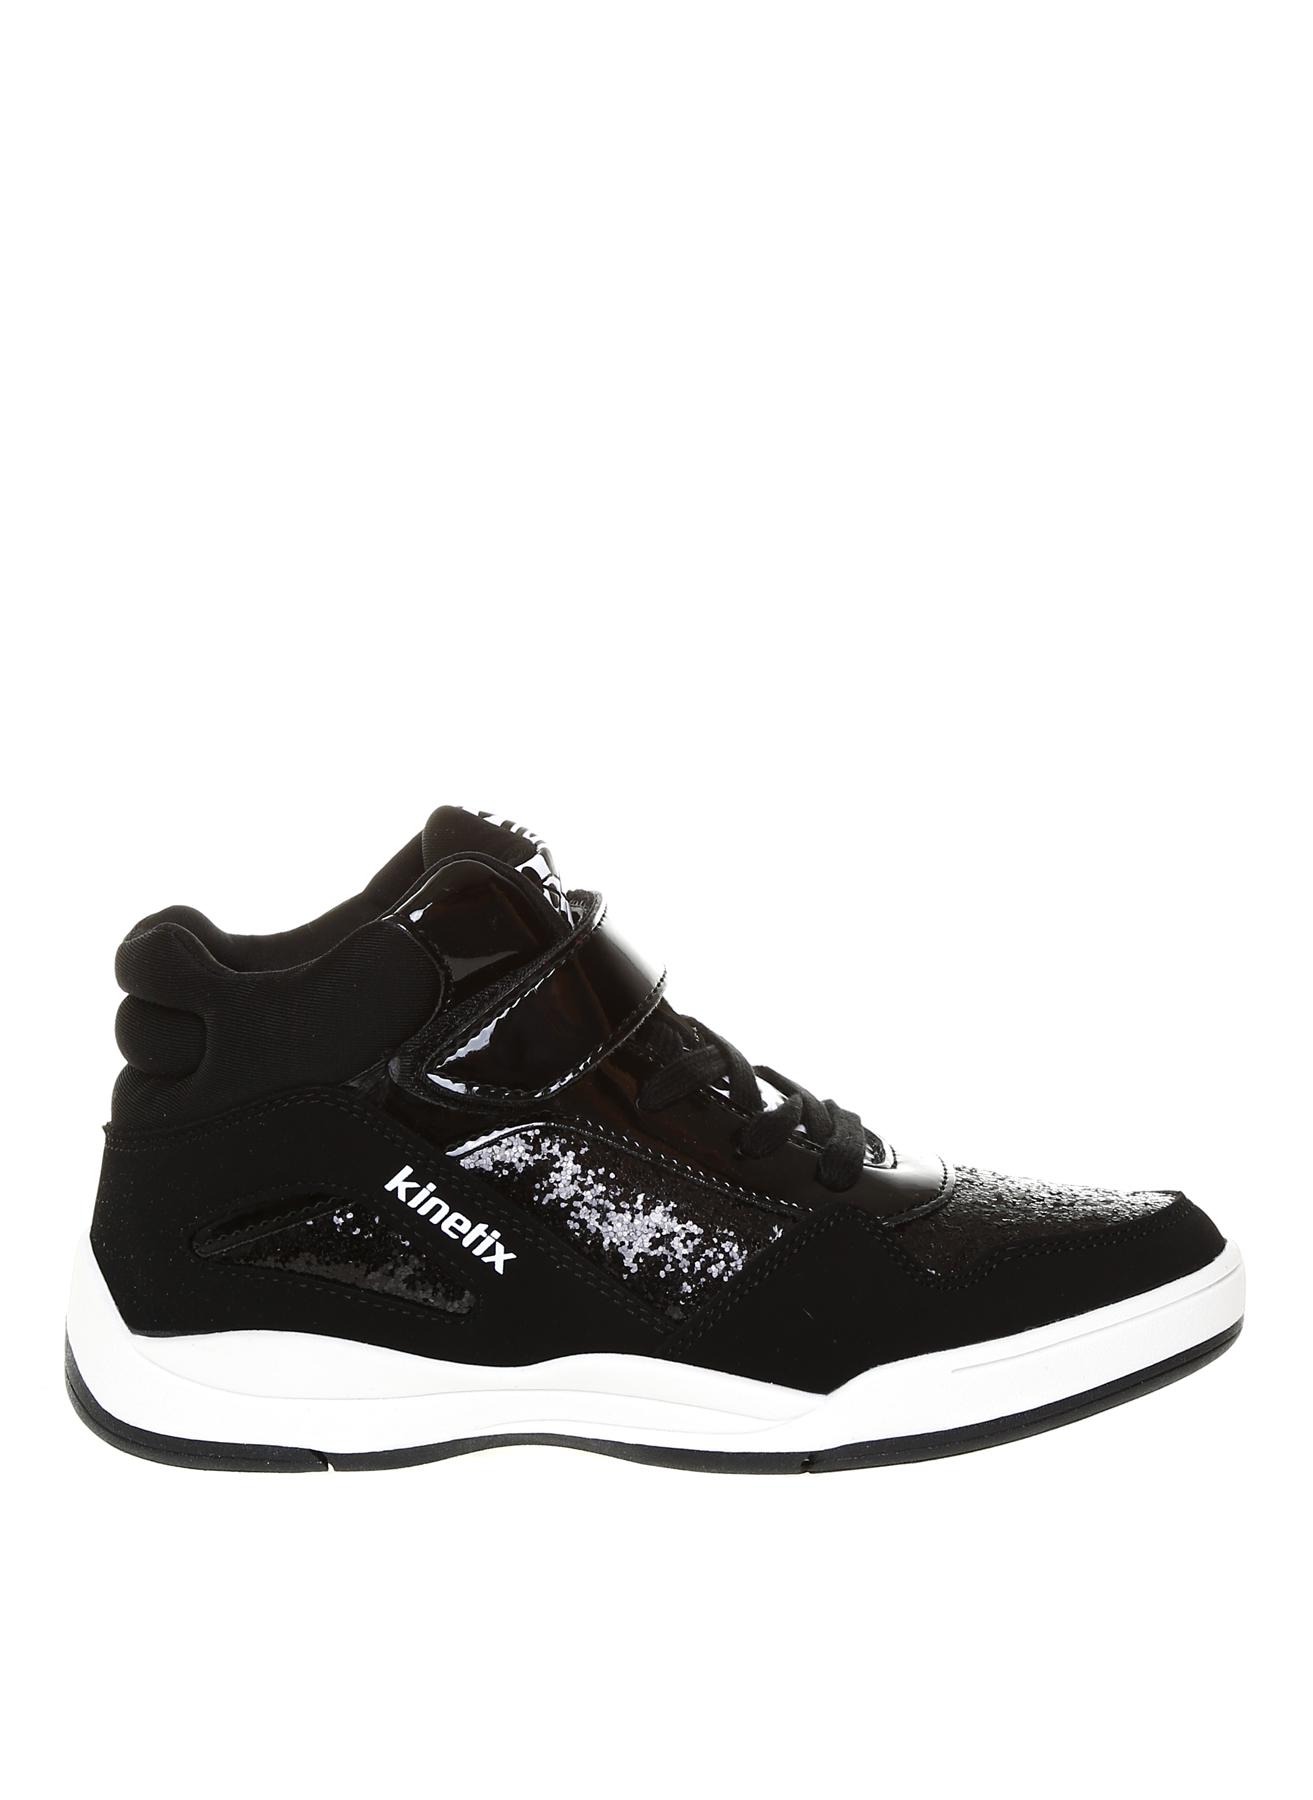 Kinetix Siyah-Beyaz Yürüyüş Ayakkabısı 30 5002027183001 Ürün Resmi